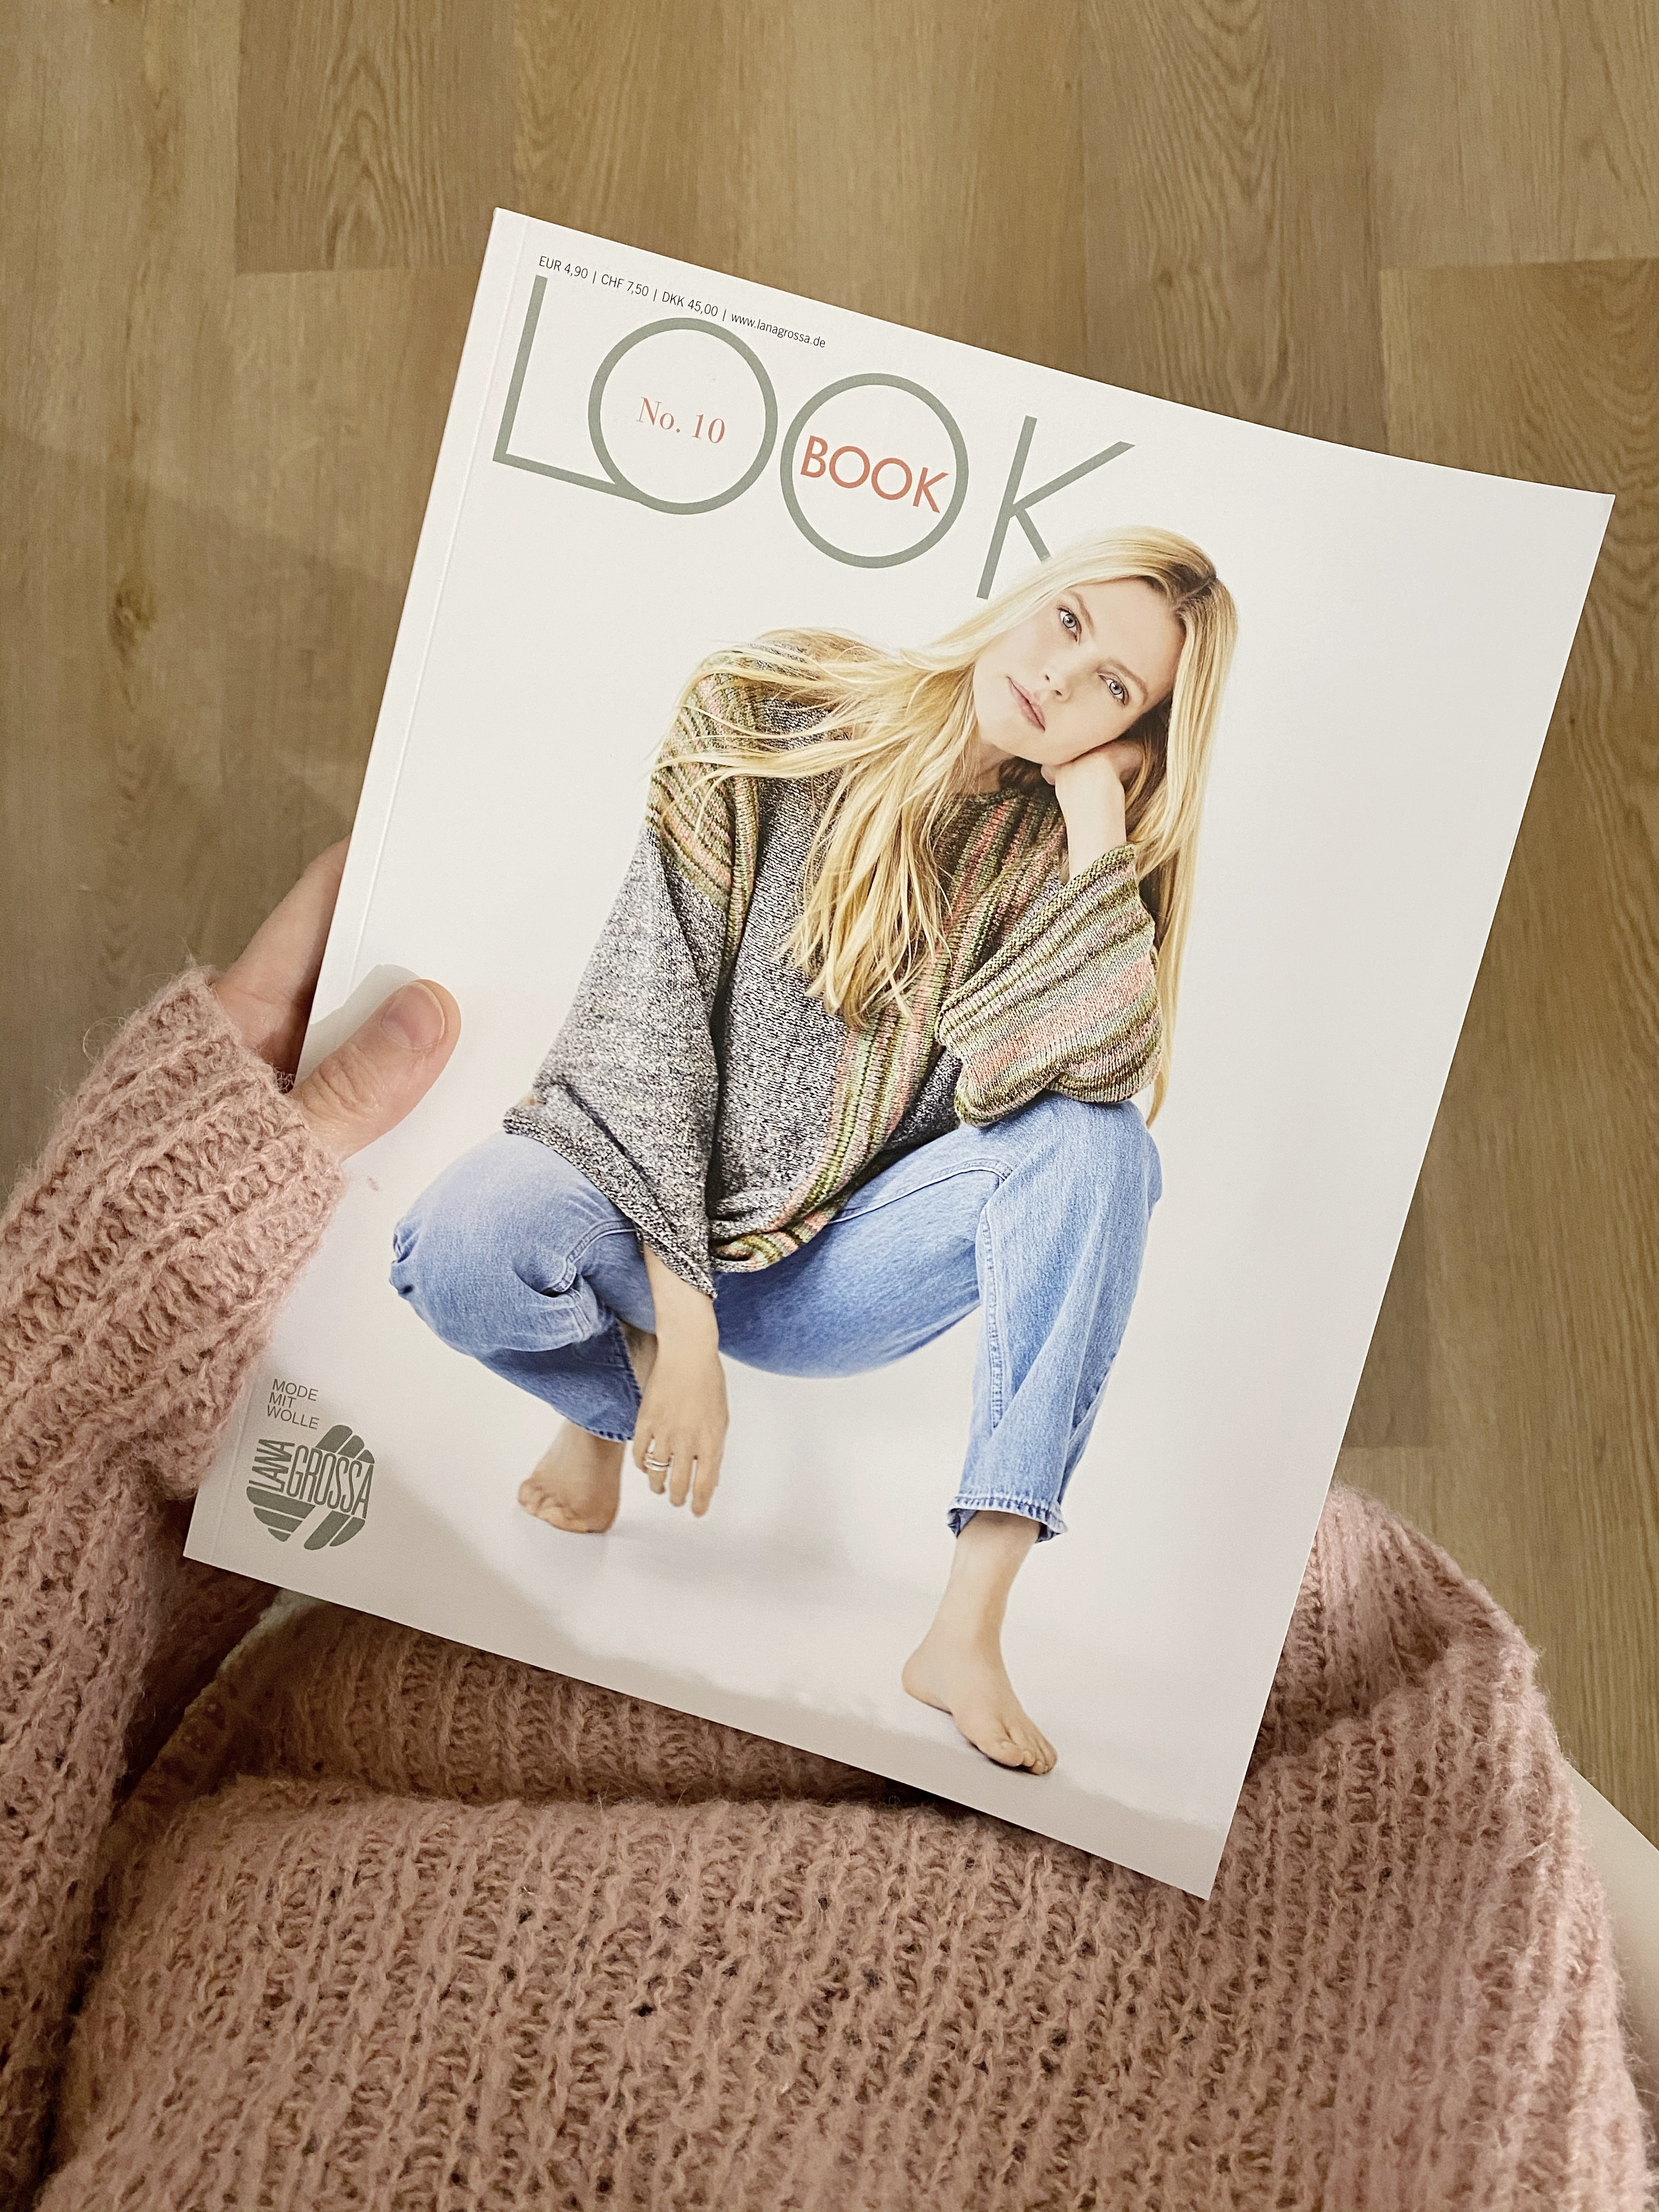 Look Book No. 10